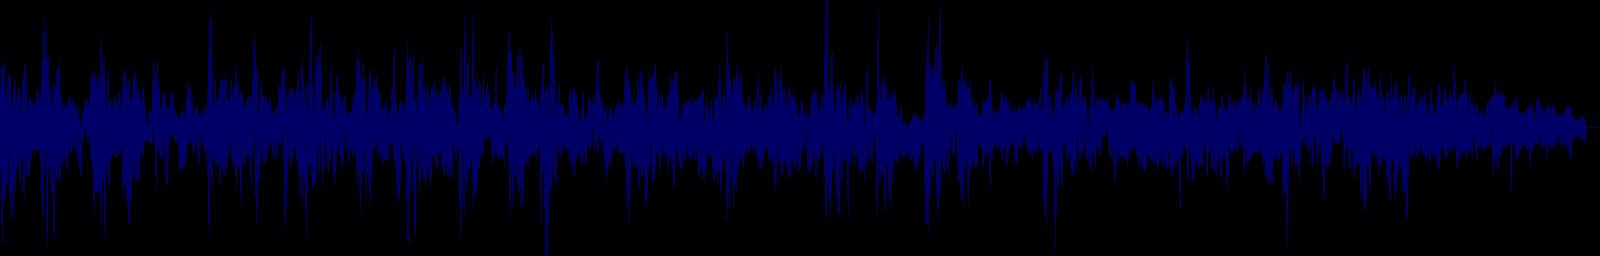 waveform of track #154992